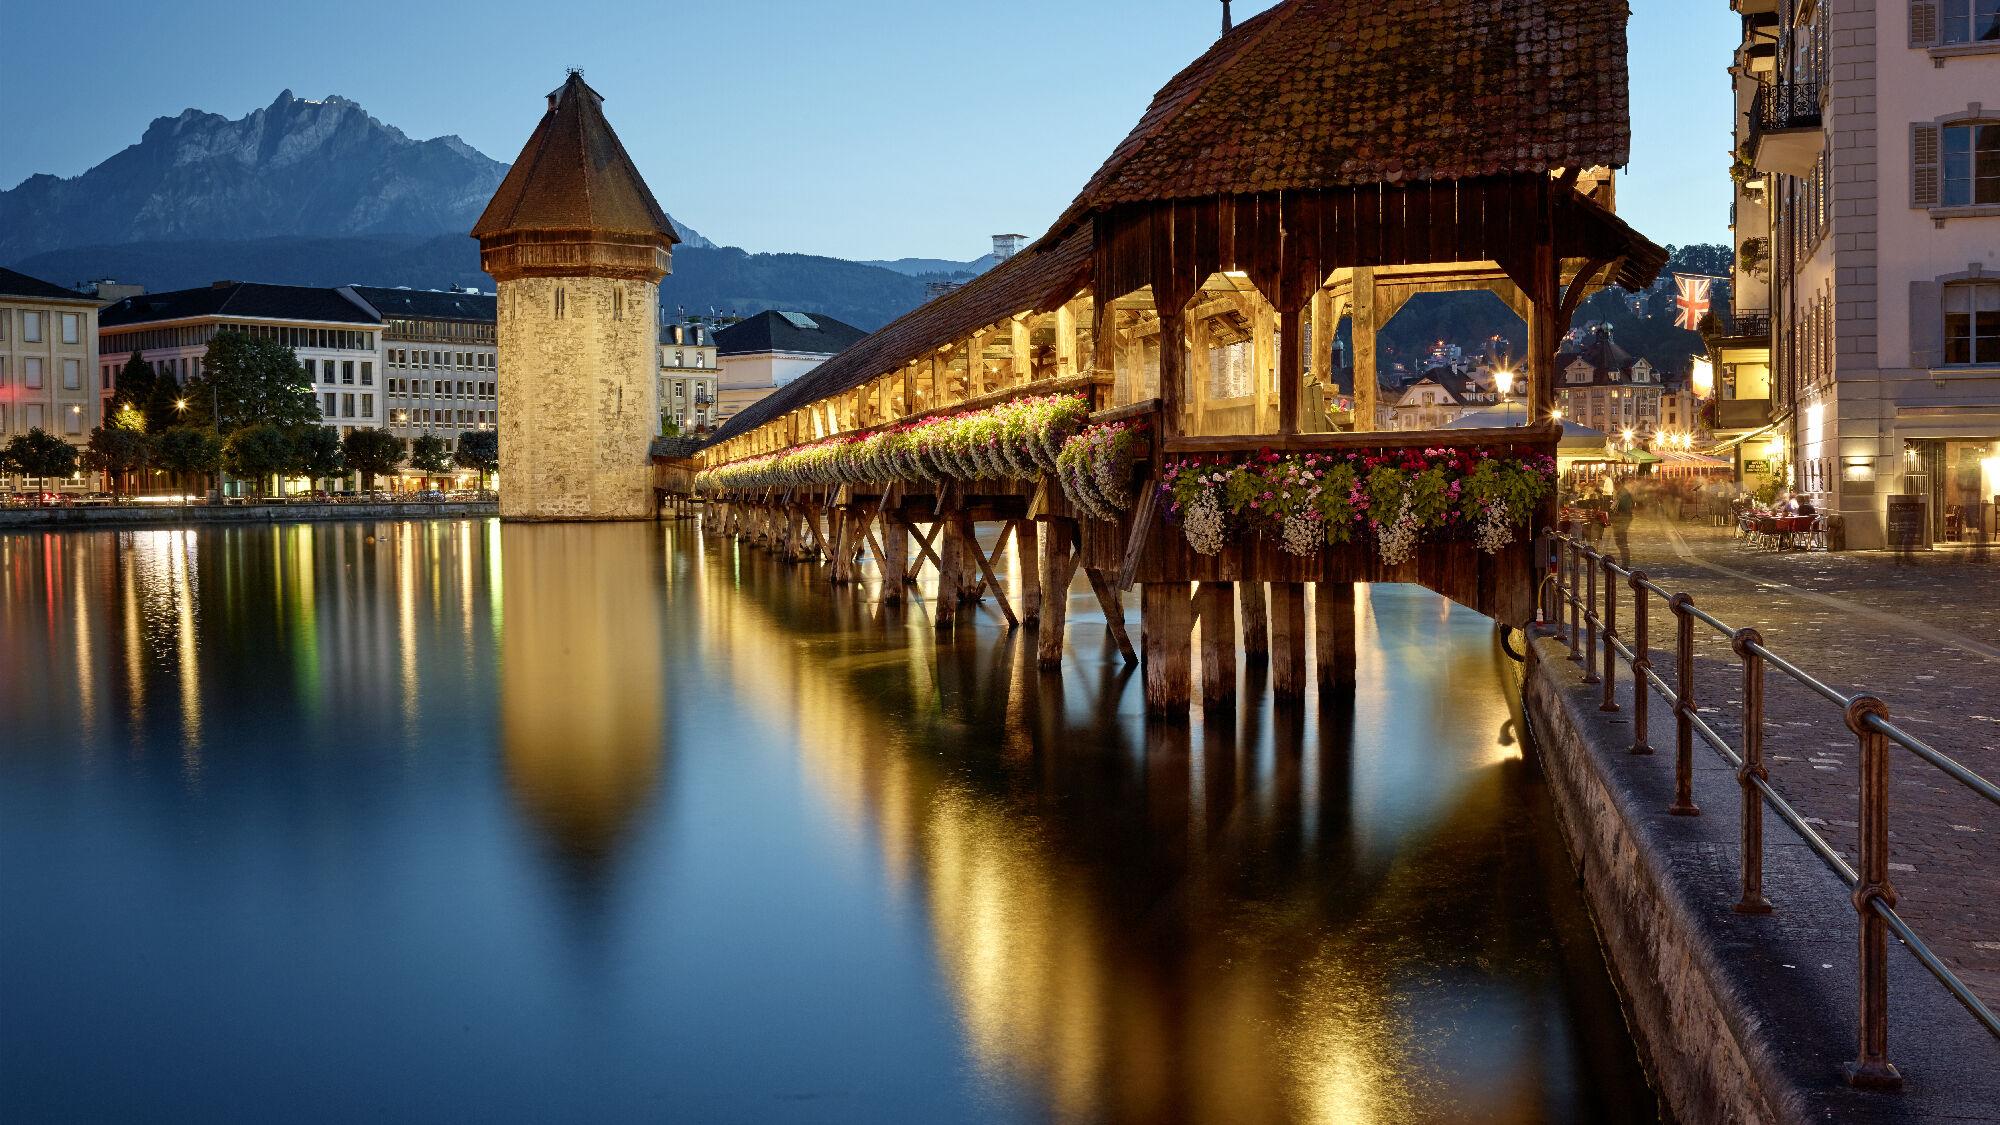 Kapellbrücke und Wasserturm in Luzern bei Nacht